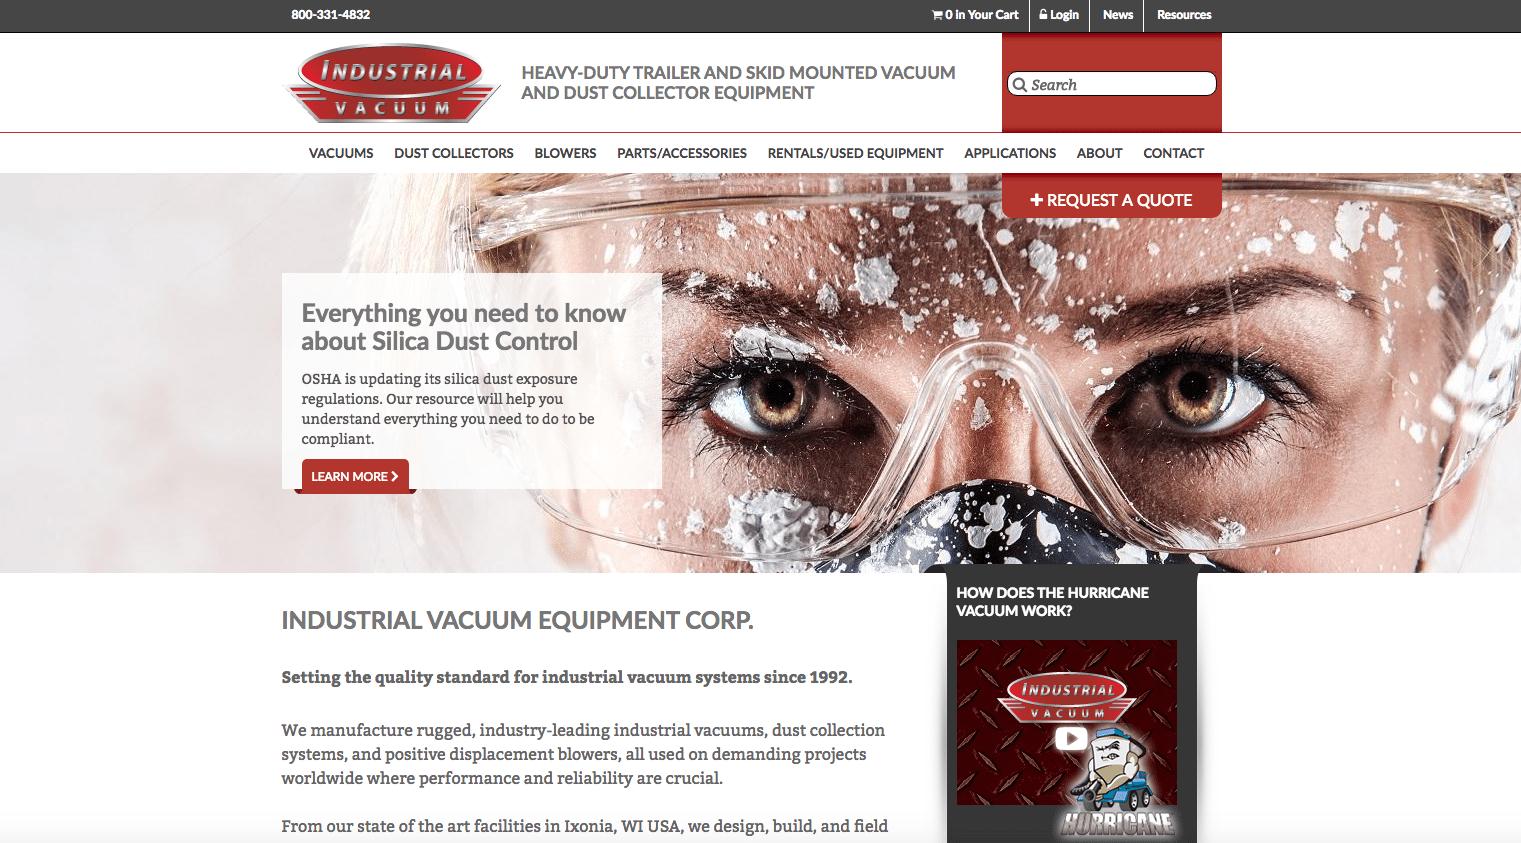 Industrial Vacuum homepage